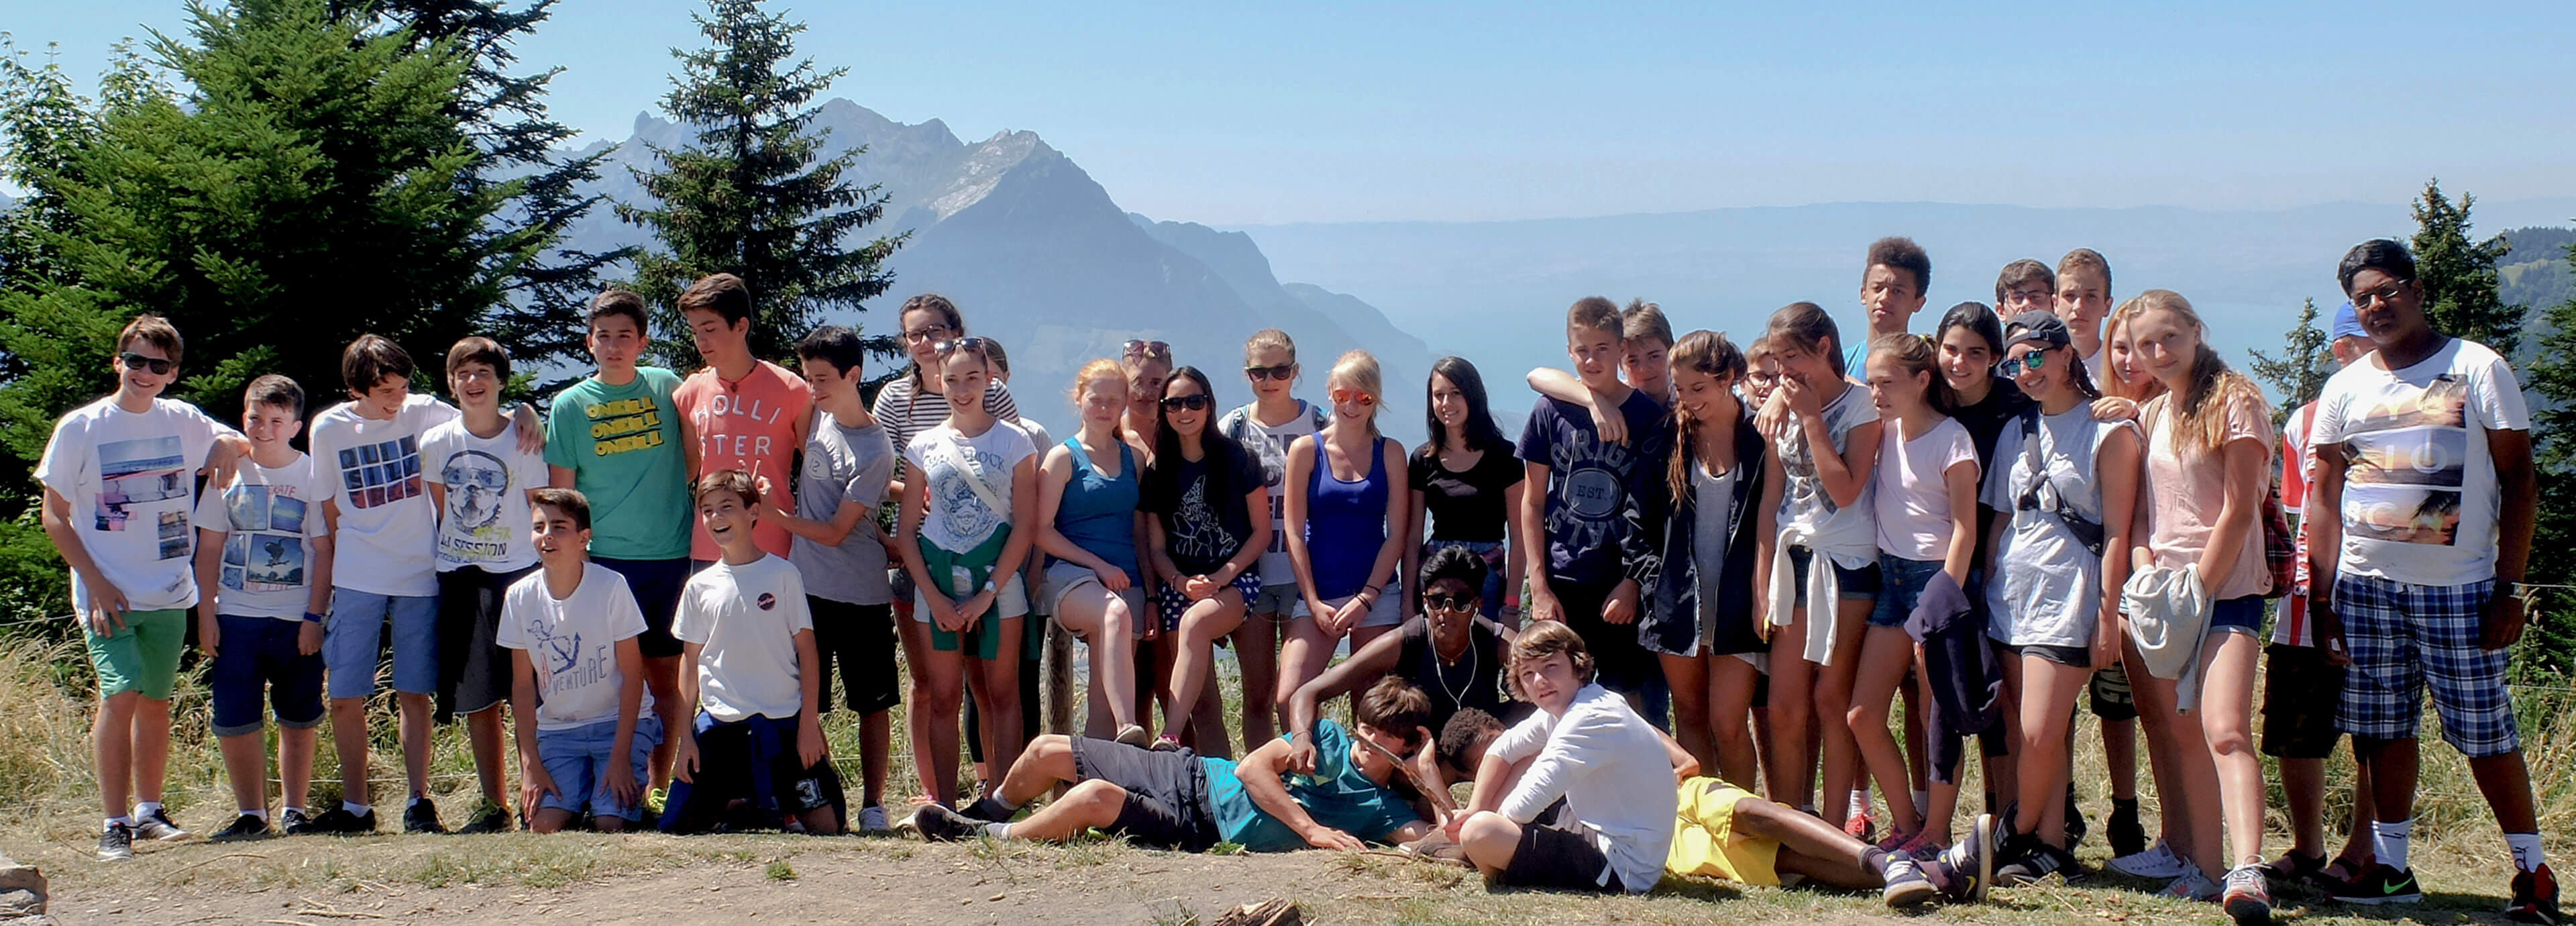 スイス・アルプスのリゾートでジュニアキャンプ留学【8歳-17歳対象】